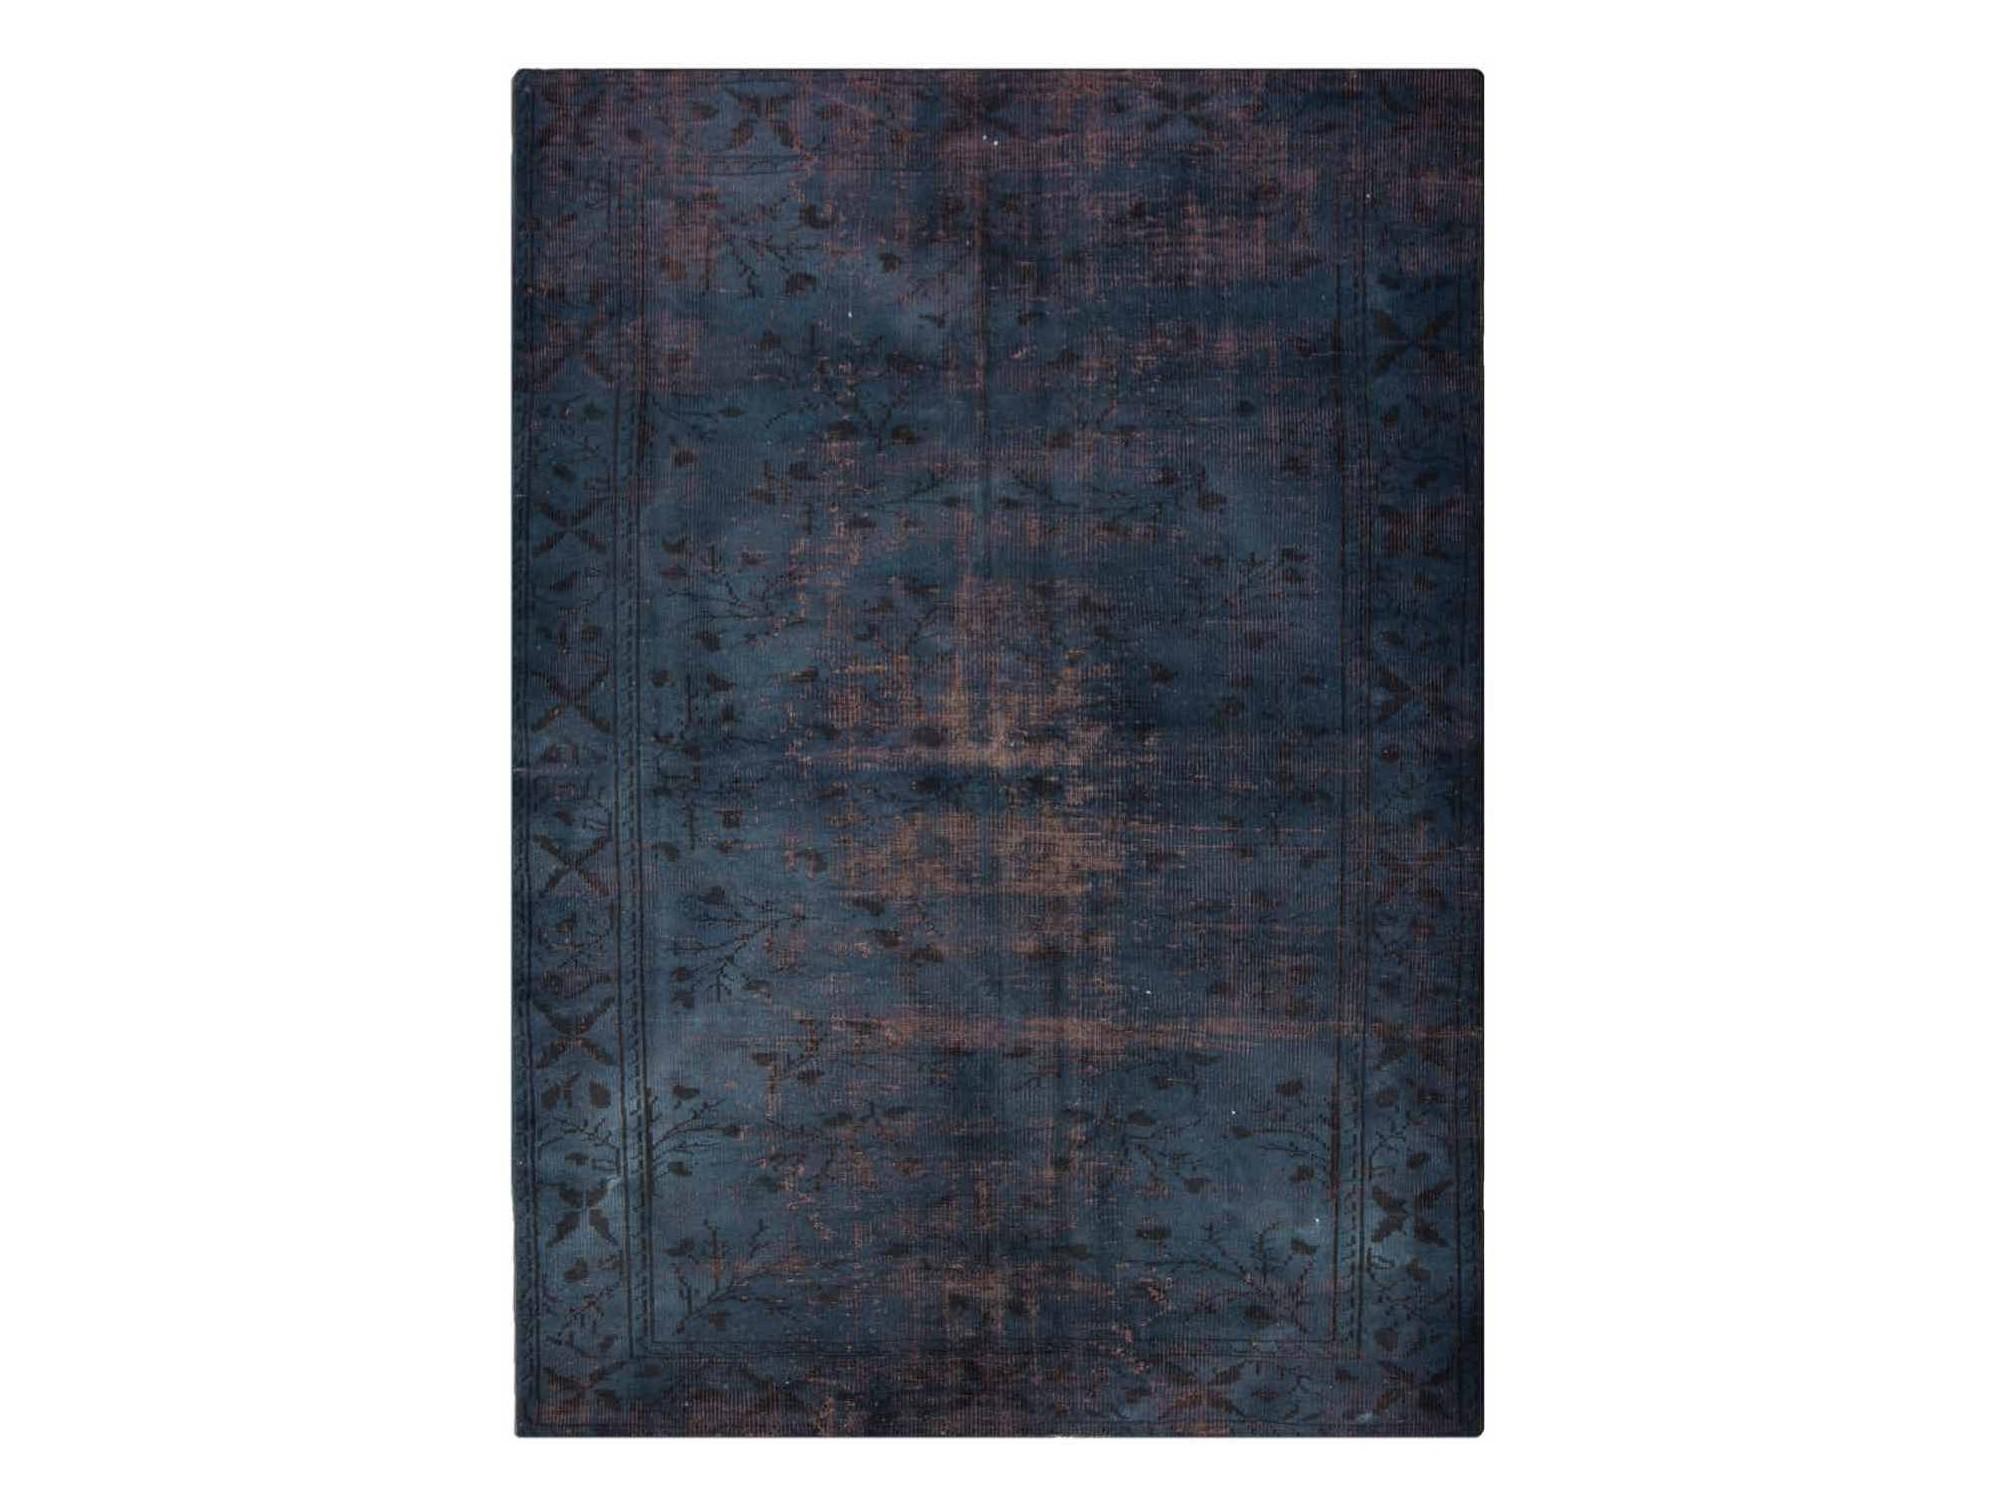 Ковер PatchworkПрямоугольные ковры<br>Винтажный ковер ручной работы в стиле &amp;quot;пэчворк&amp;quot; <br>из 100% шерсти. Ковер прекрасно подходит в <br>любые современные и классические интерьеры, <br>а благодаря толщине ковра всего 5 мм. и отсутствию <br>ворса, его легко чистить любыми видами пылесосов. <br>Этот настоящий ковер ручной работы не потеряет <br>своих красок и будет служить десятилетия.<br><br>Material: Шерсть<br>Ширина см: 191<br>Глубина см: 275